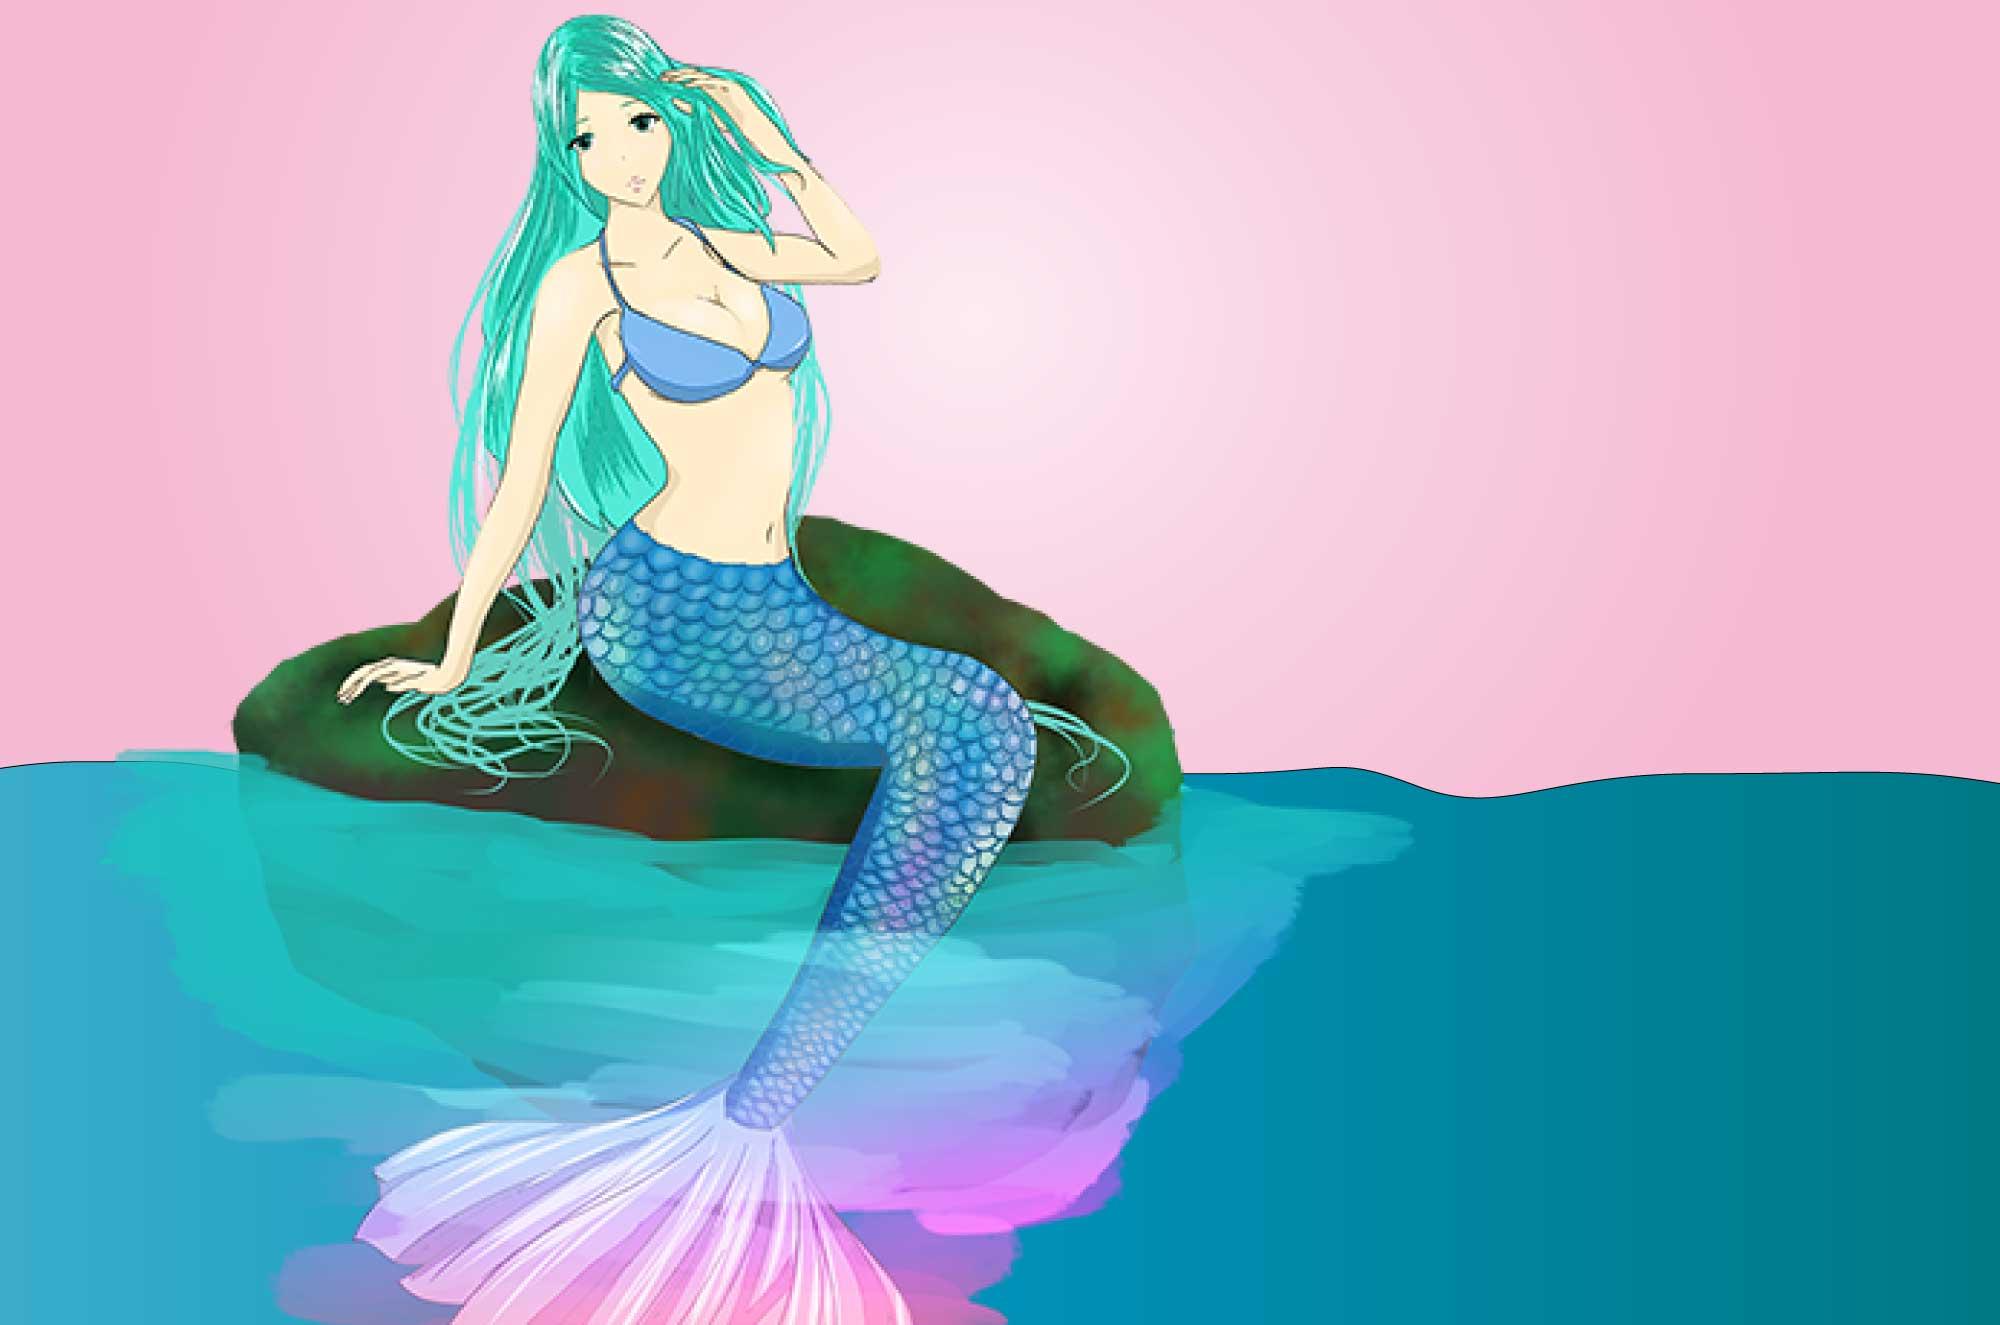 人魚の無料イラスト - 可愛い海のクリーチャー素材